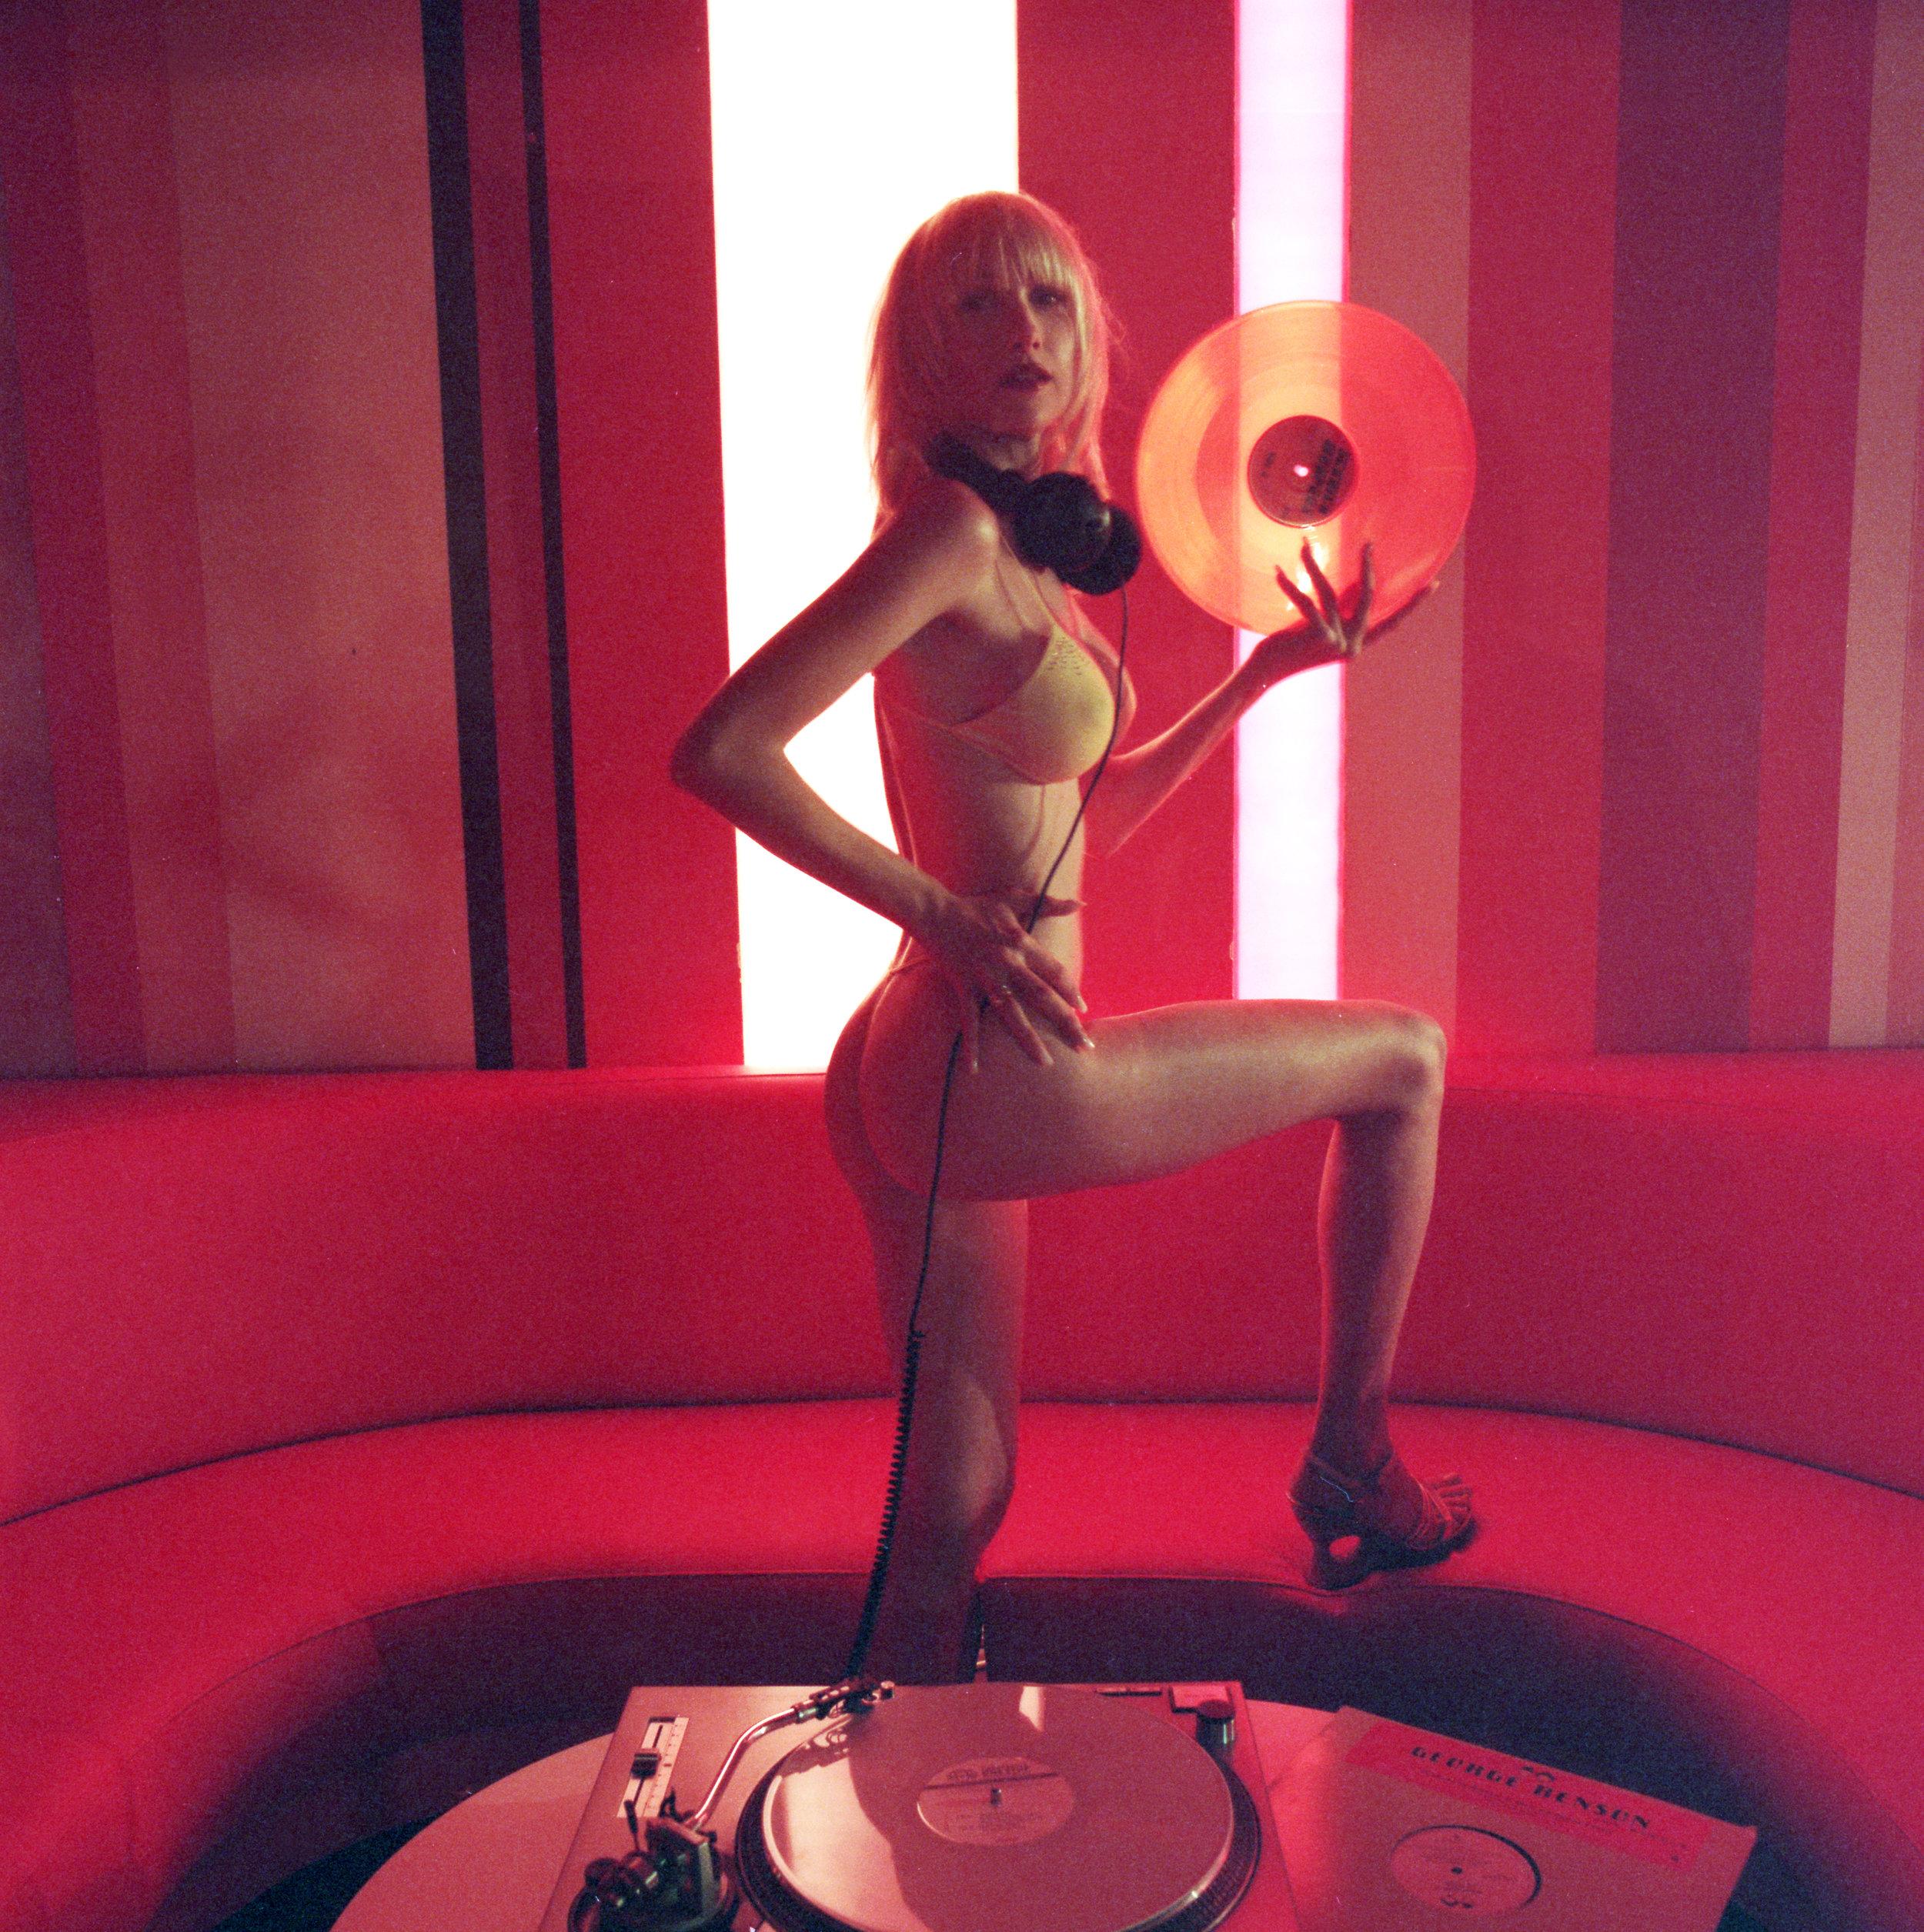 Penelope Tuesday for NY Magazine